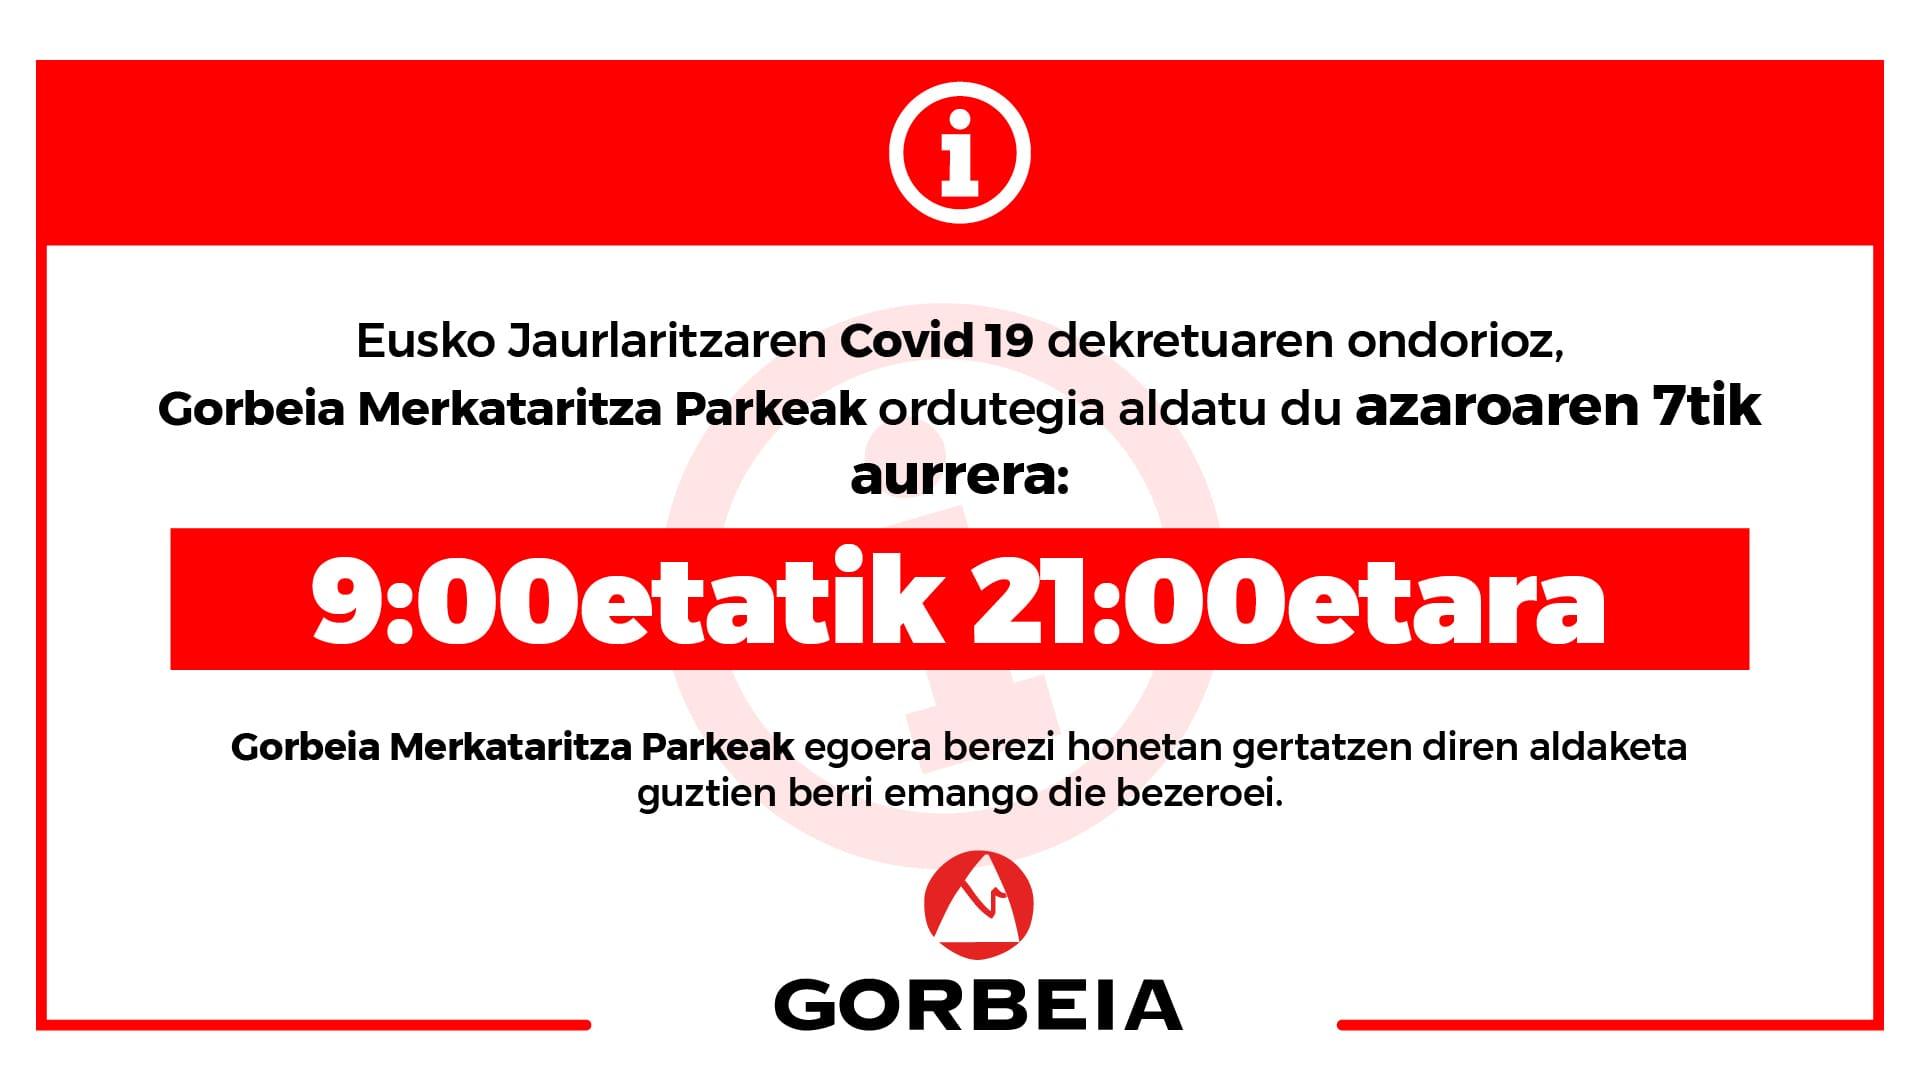 Ordutegi berria Gorbeian Covid 19 dekretua dela eta